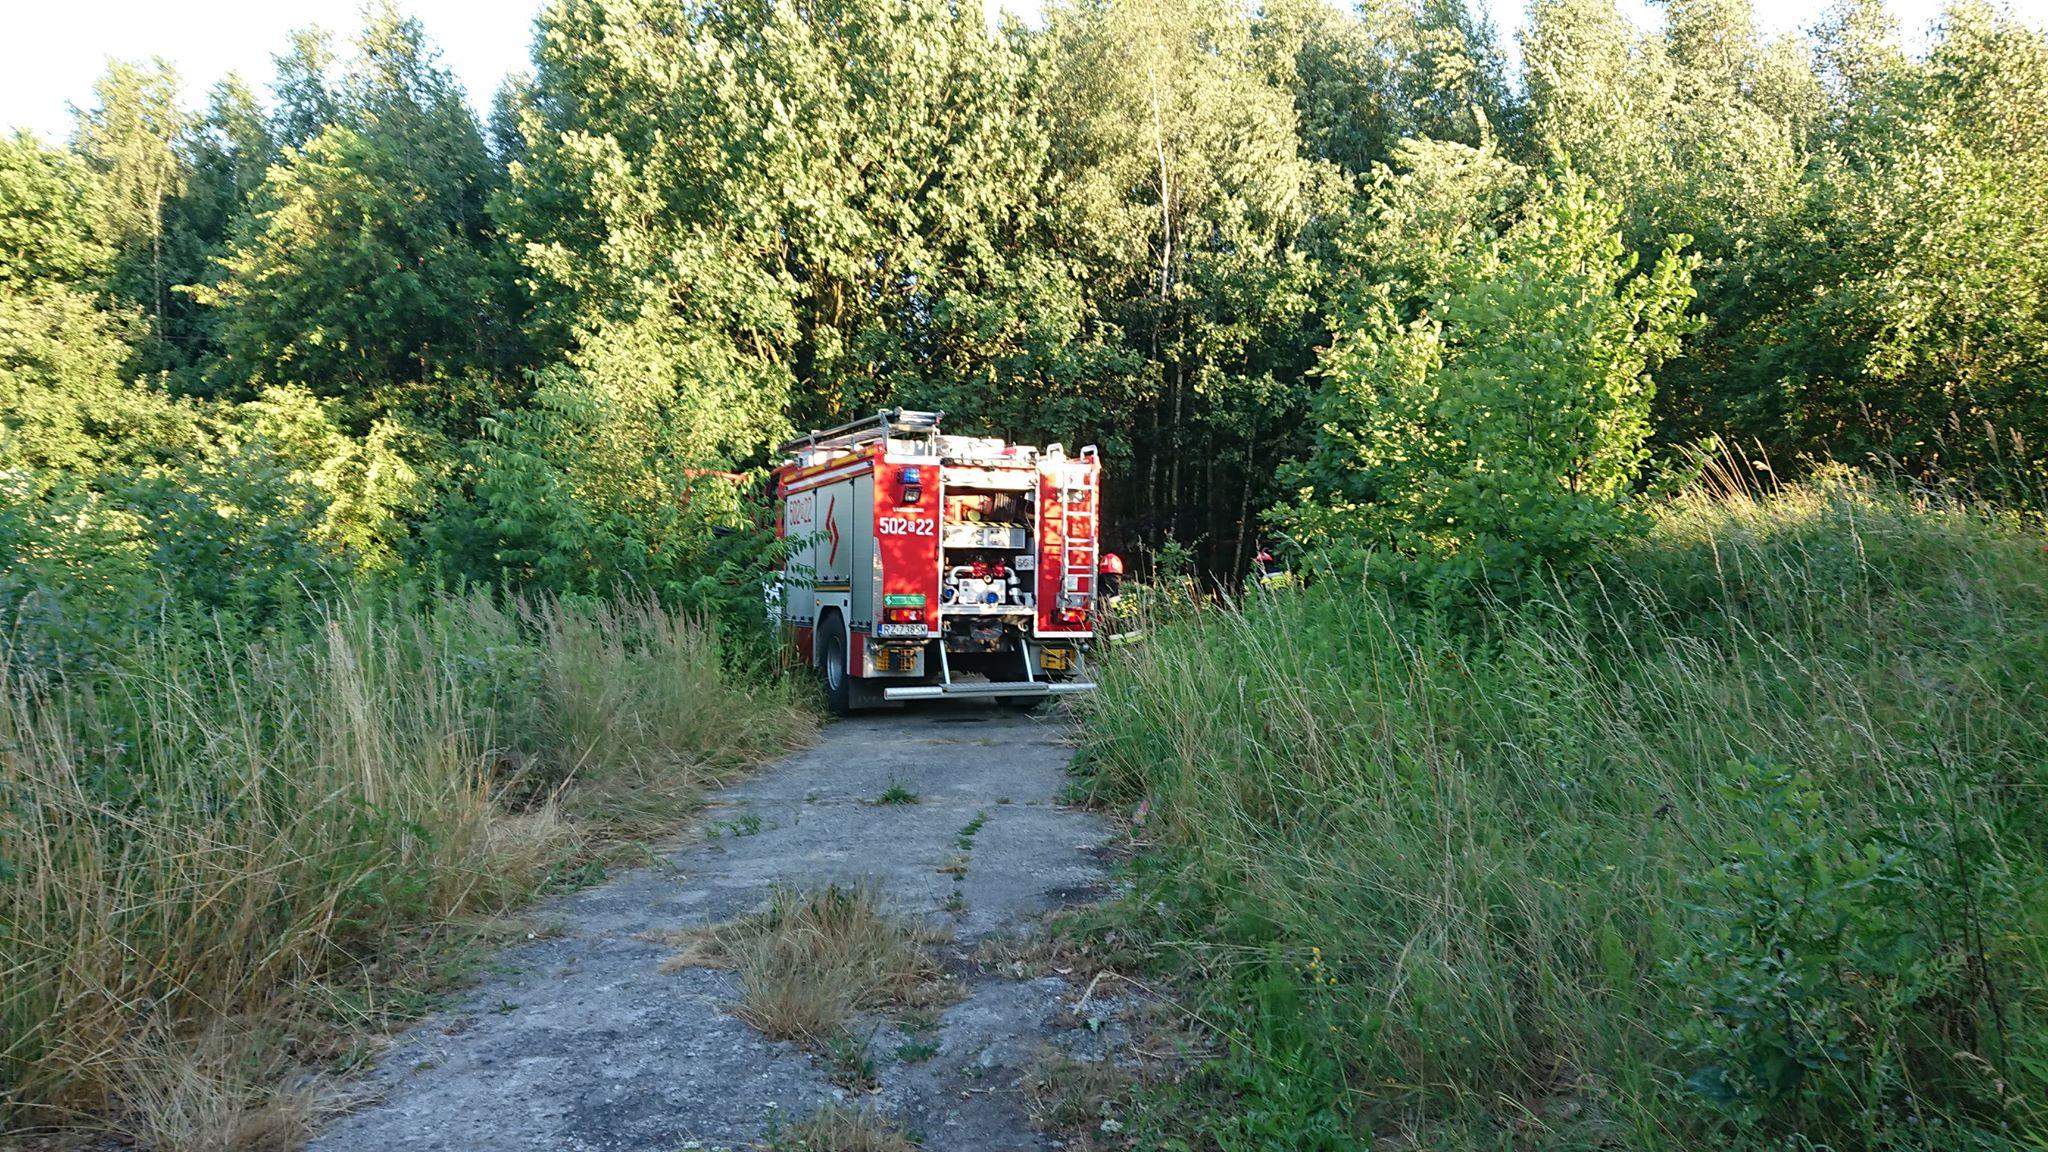 Pożar w pobliżu lasu, ogień zauważył przejeżdżający policjant [FOTO, VIDEO] - Zdjęcie główne